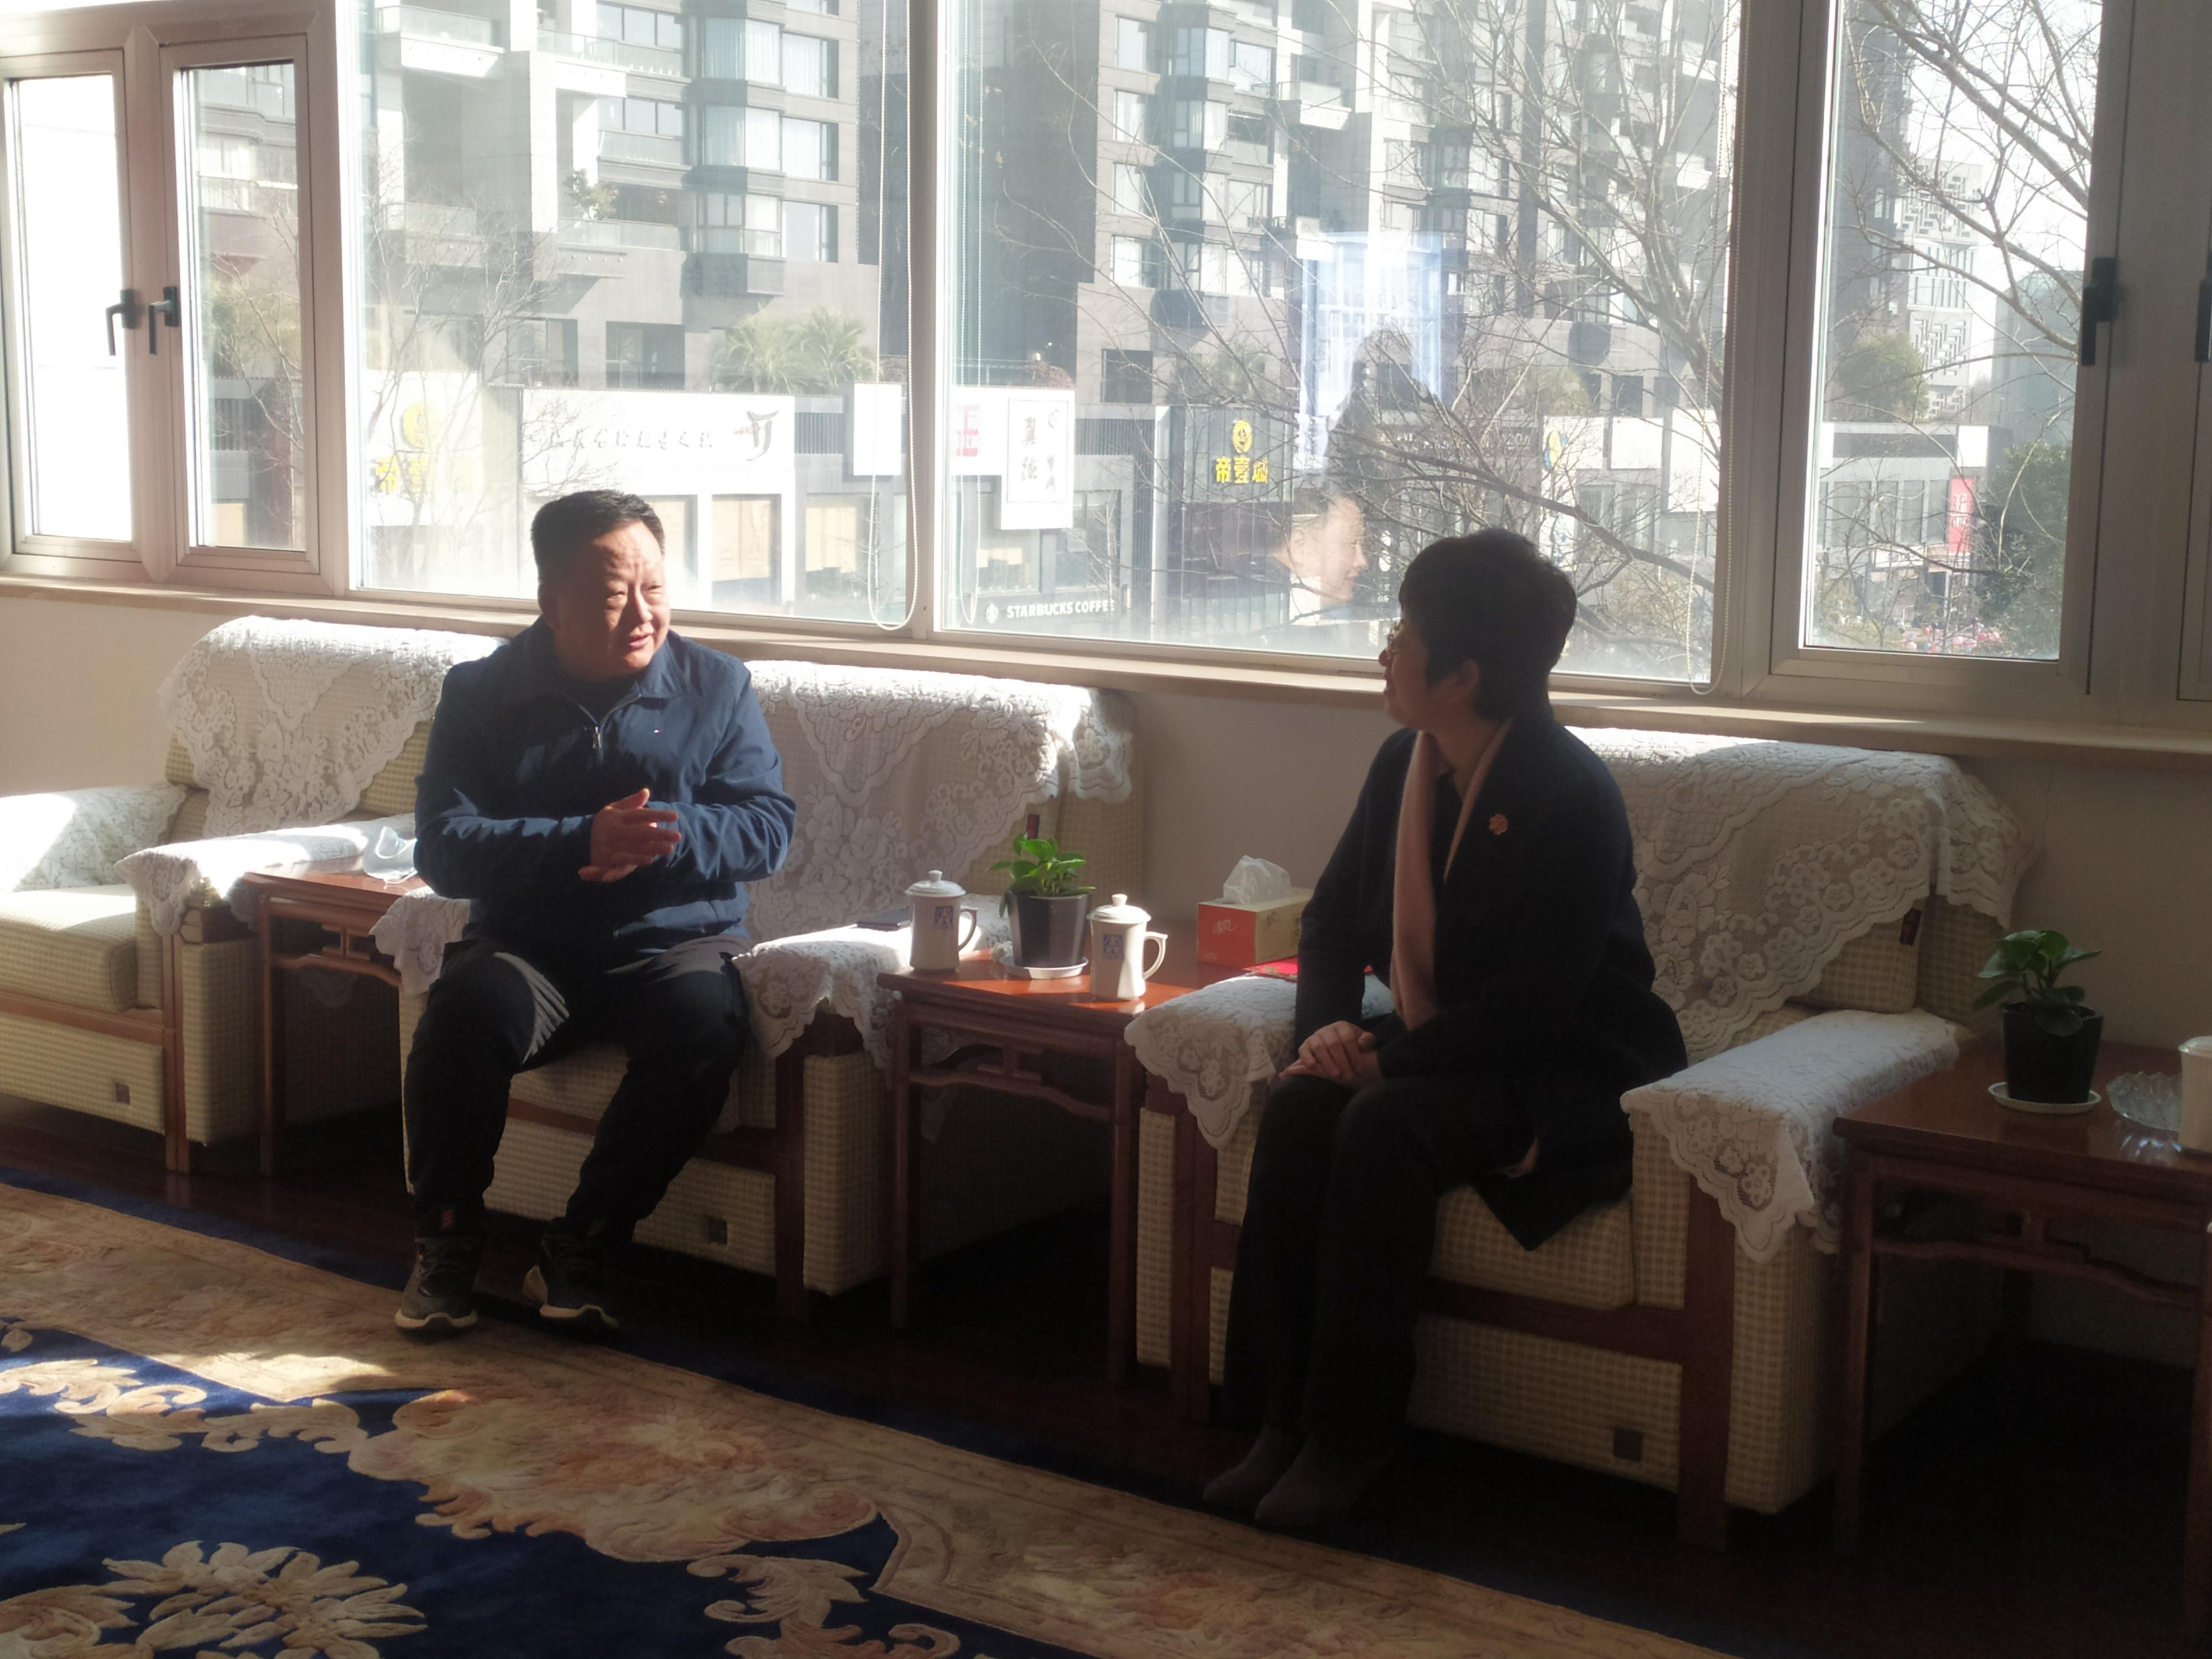 婺城區委書記慰問拔尖人才 感謝尖峰對金華經濟的貢獻